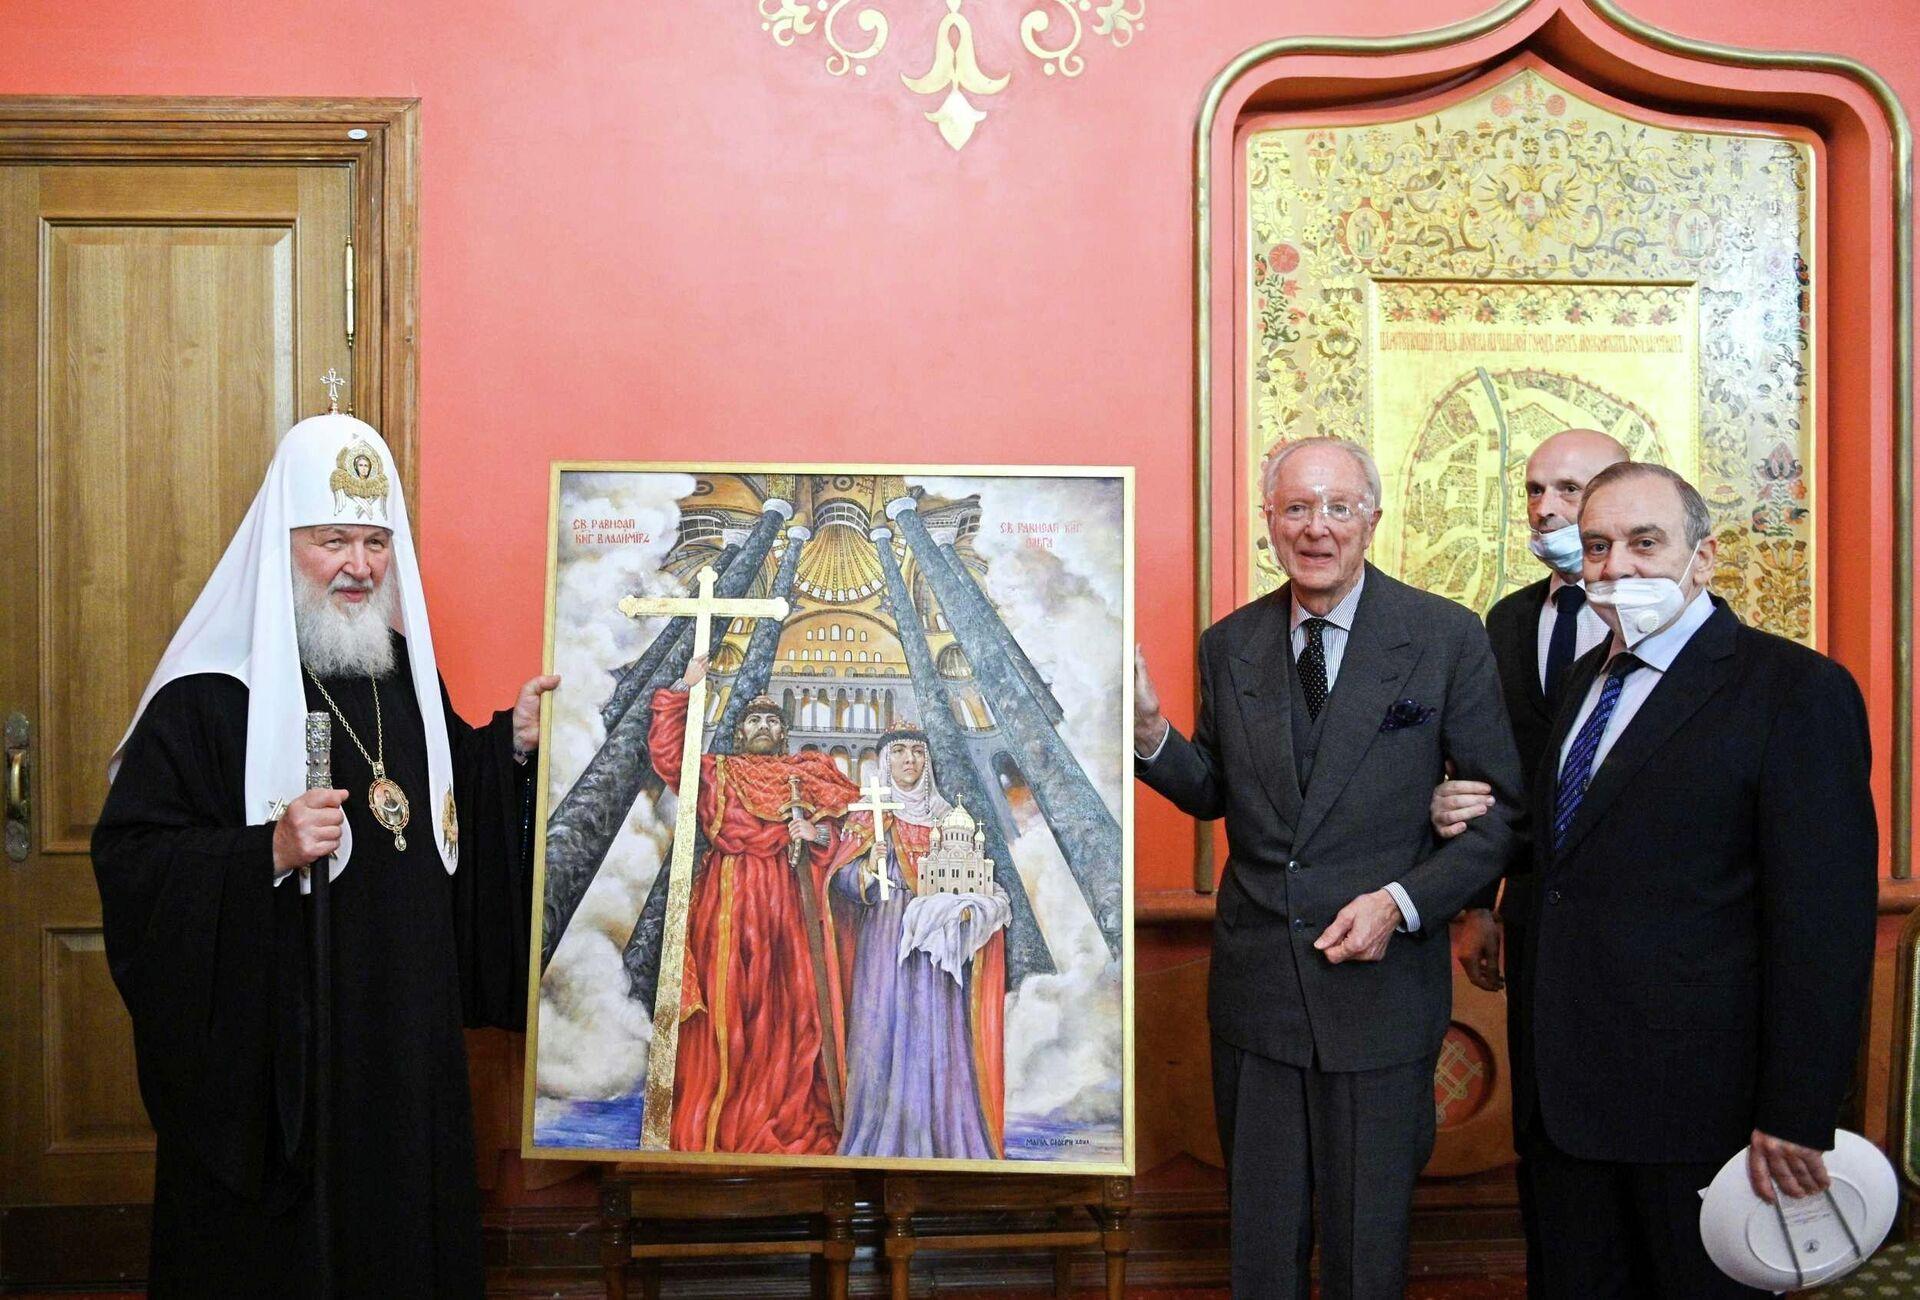 Δώρο με ελληνικό «χρώμα» για τον Πατριάρχη Κύριλλο  - Sputnik Ελλάδα, 1920, 14.10.2021